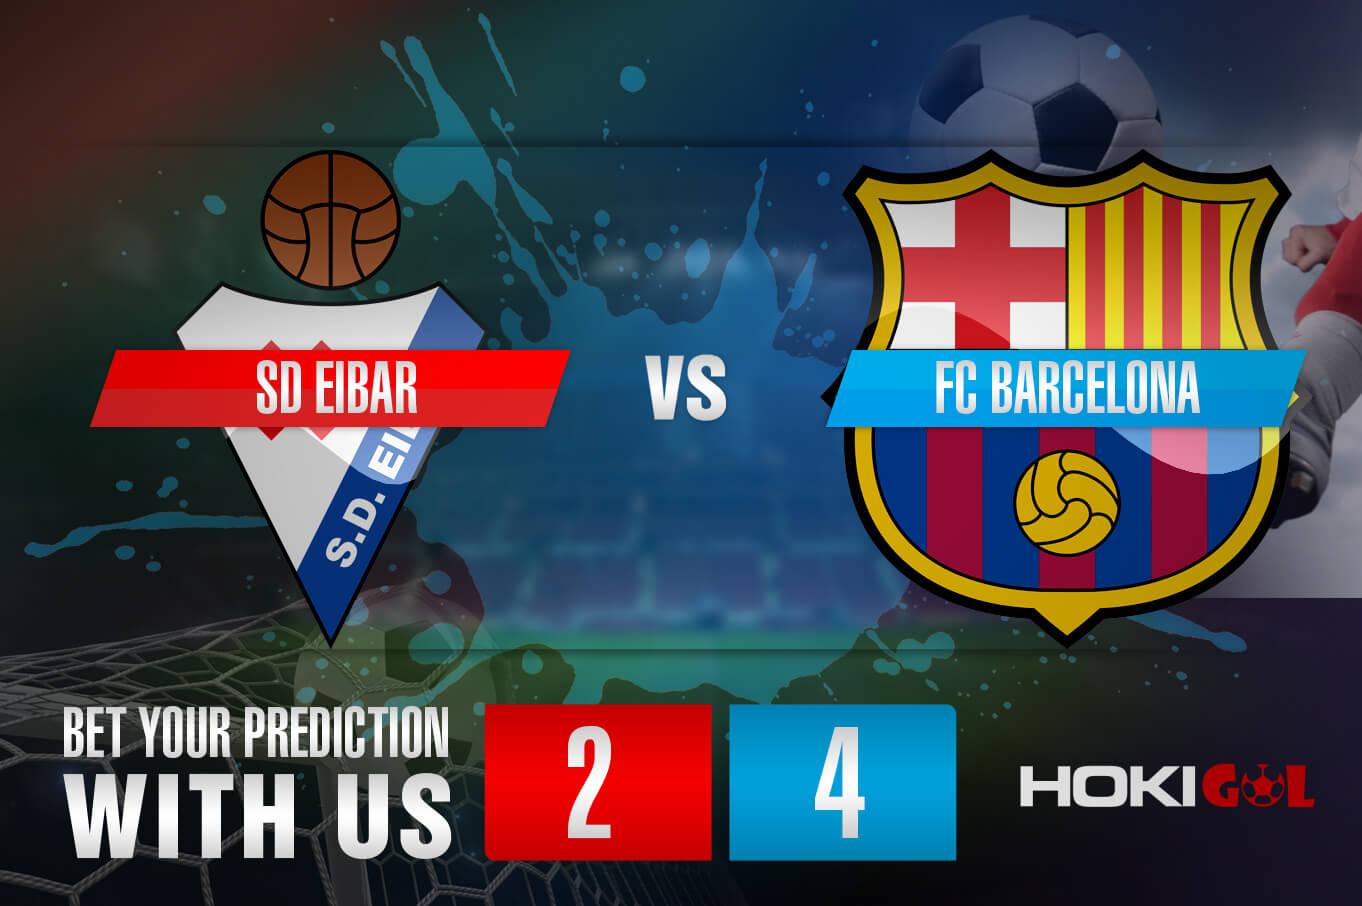 Prediksi Bola SD Eibar Vs FC Barcelona 22 Mei 2021